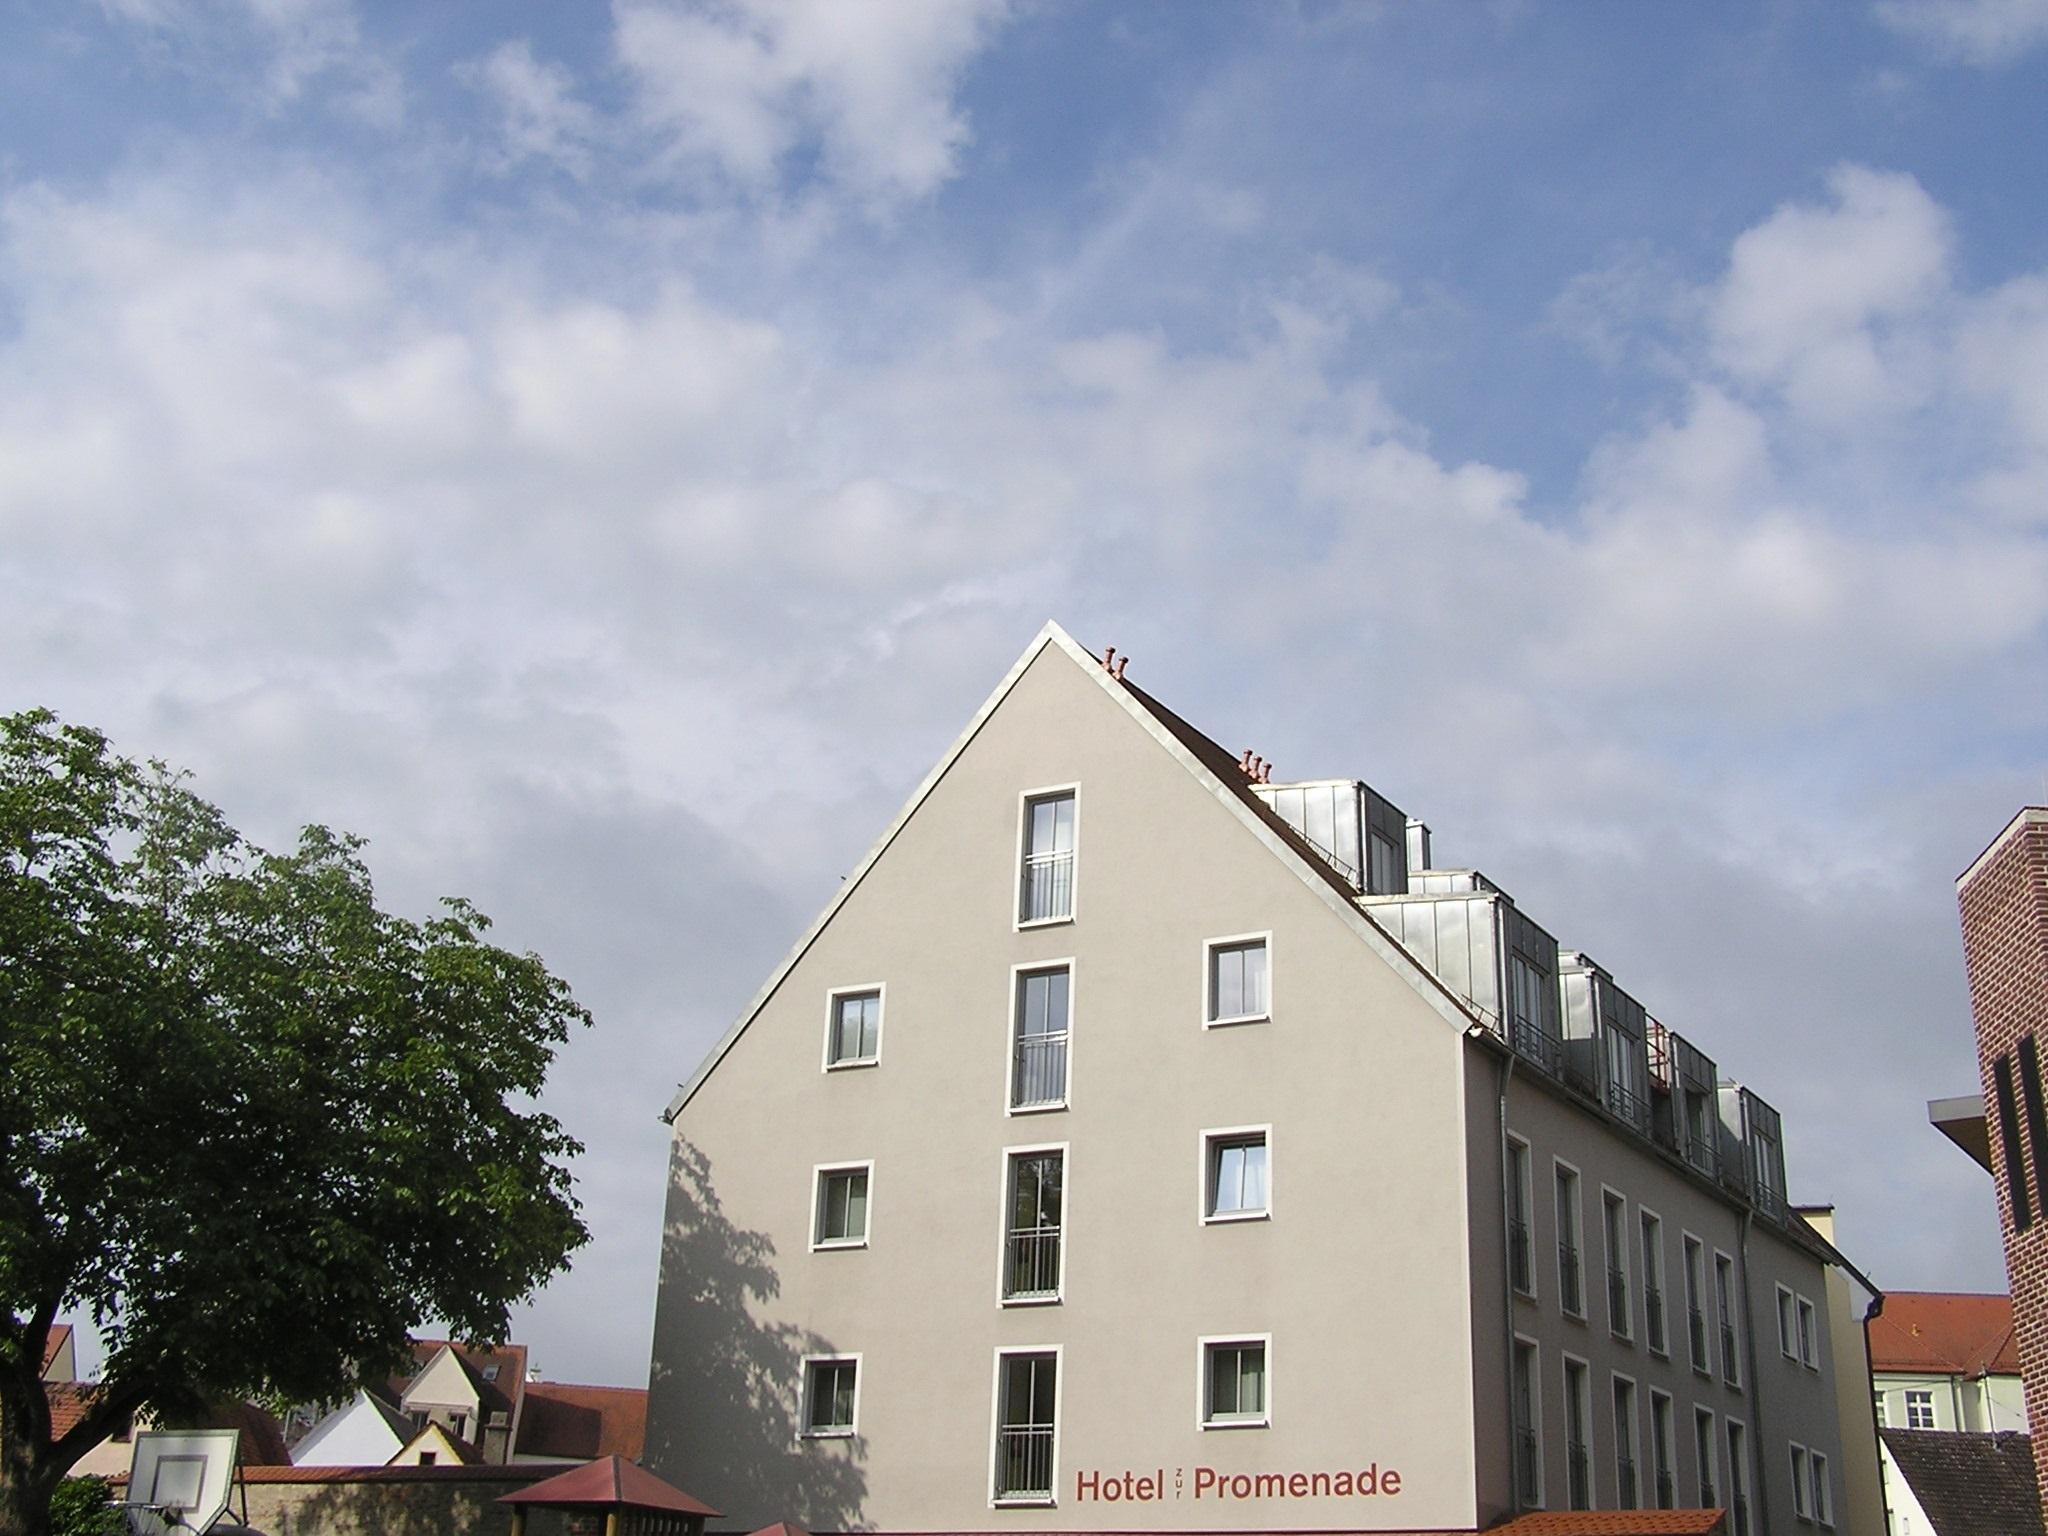 reichsstraßenfest donauwörth 2020